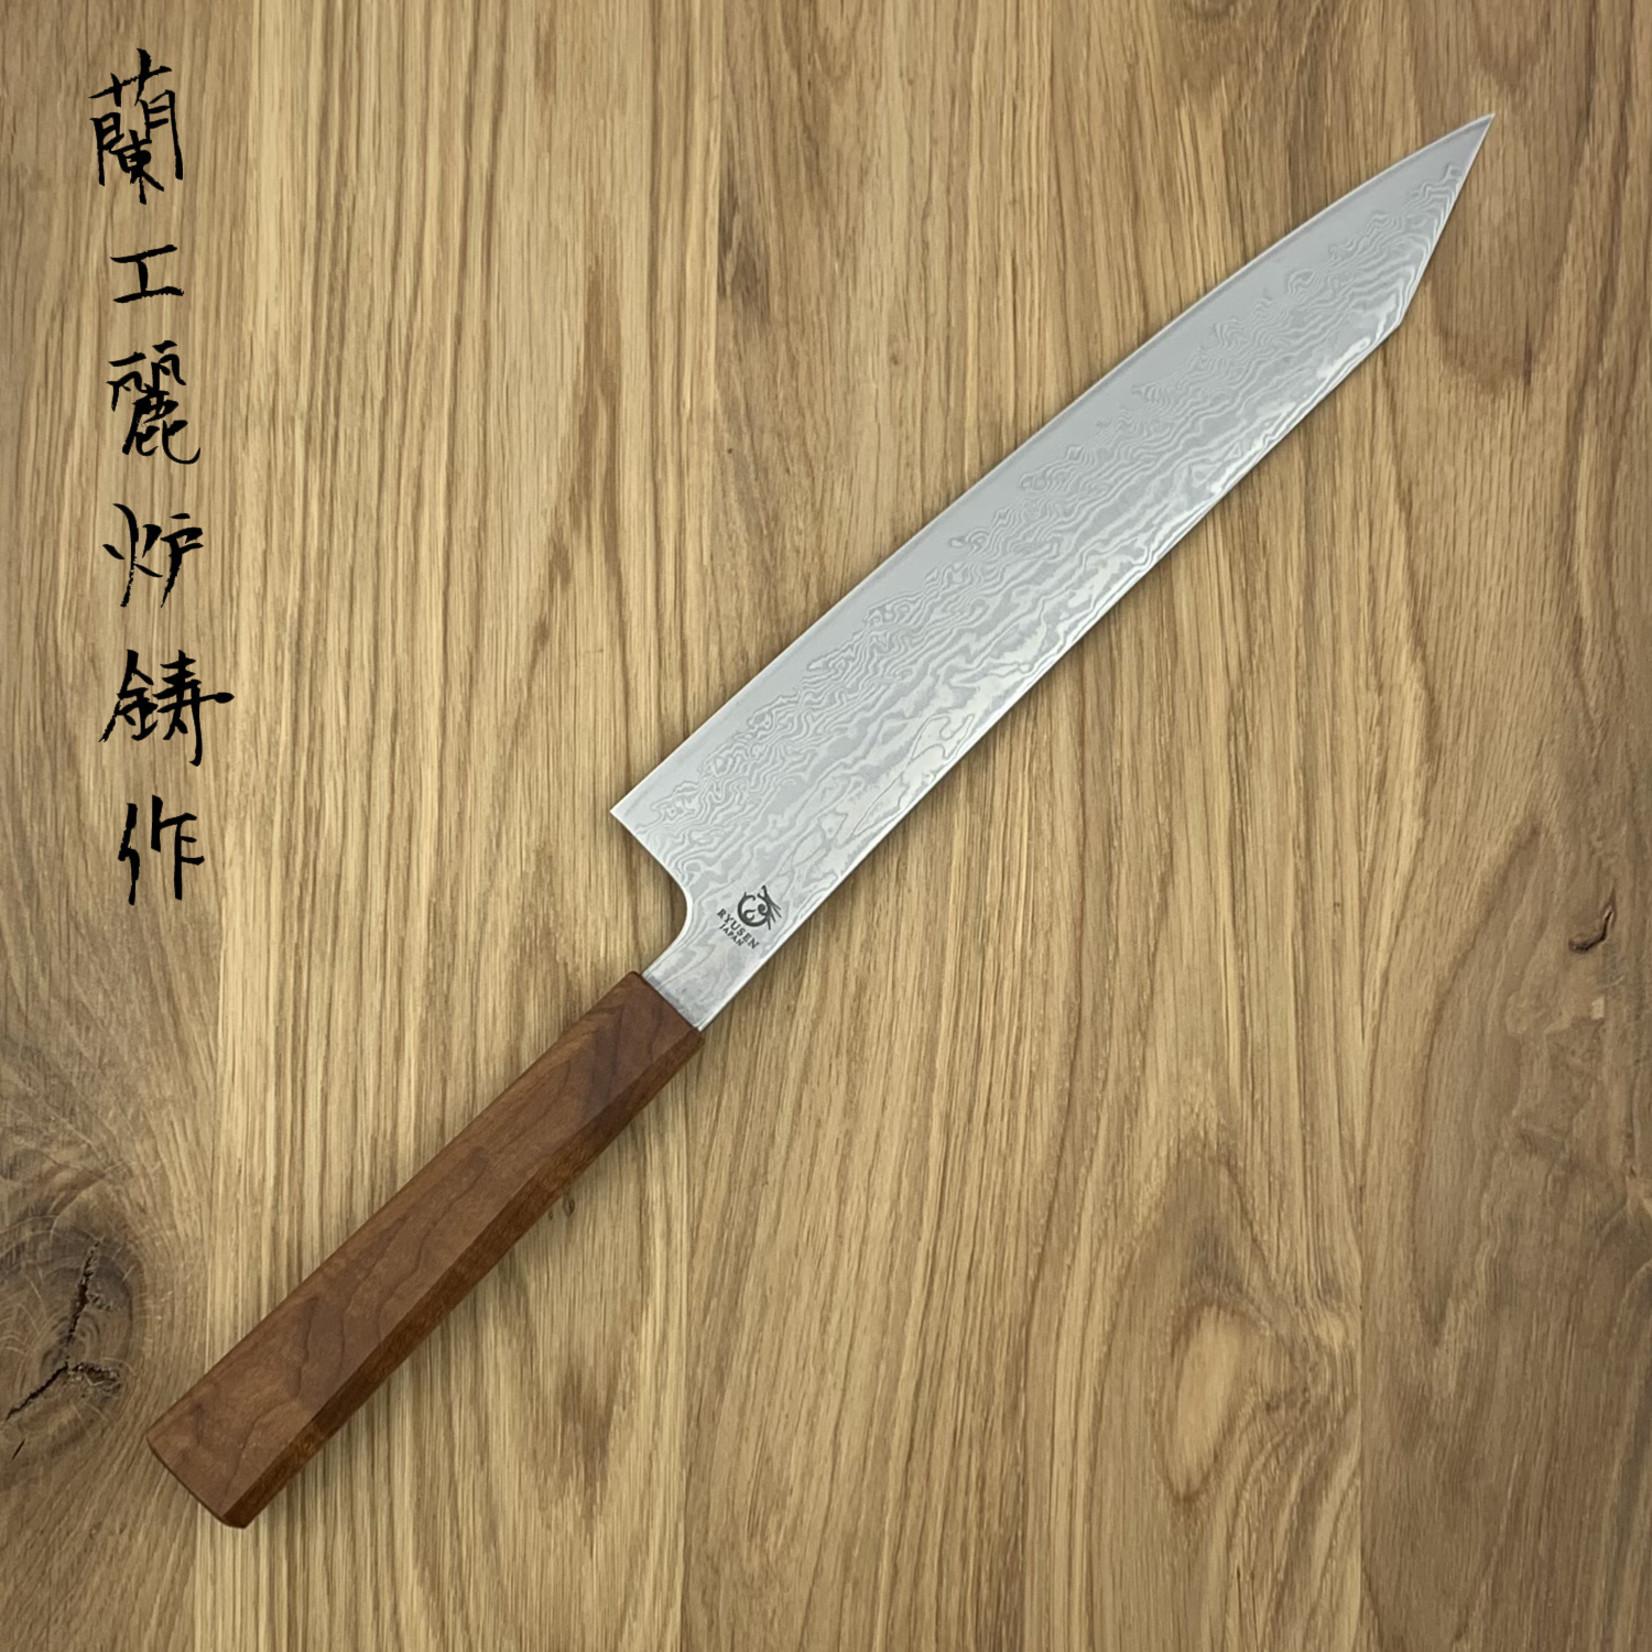 RYUSEN Fukakuryu Maple WA Gyuto 240mm FK-301